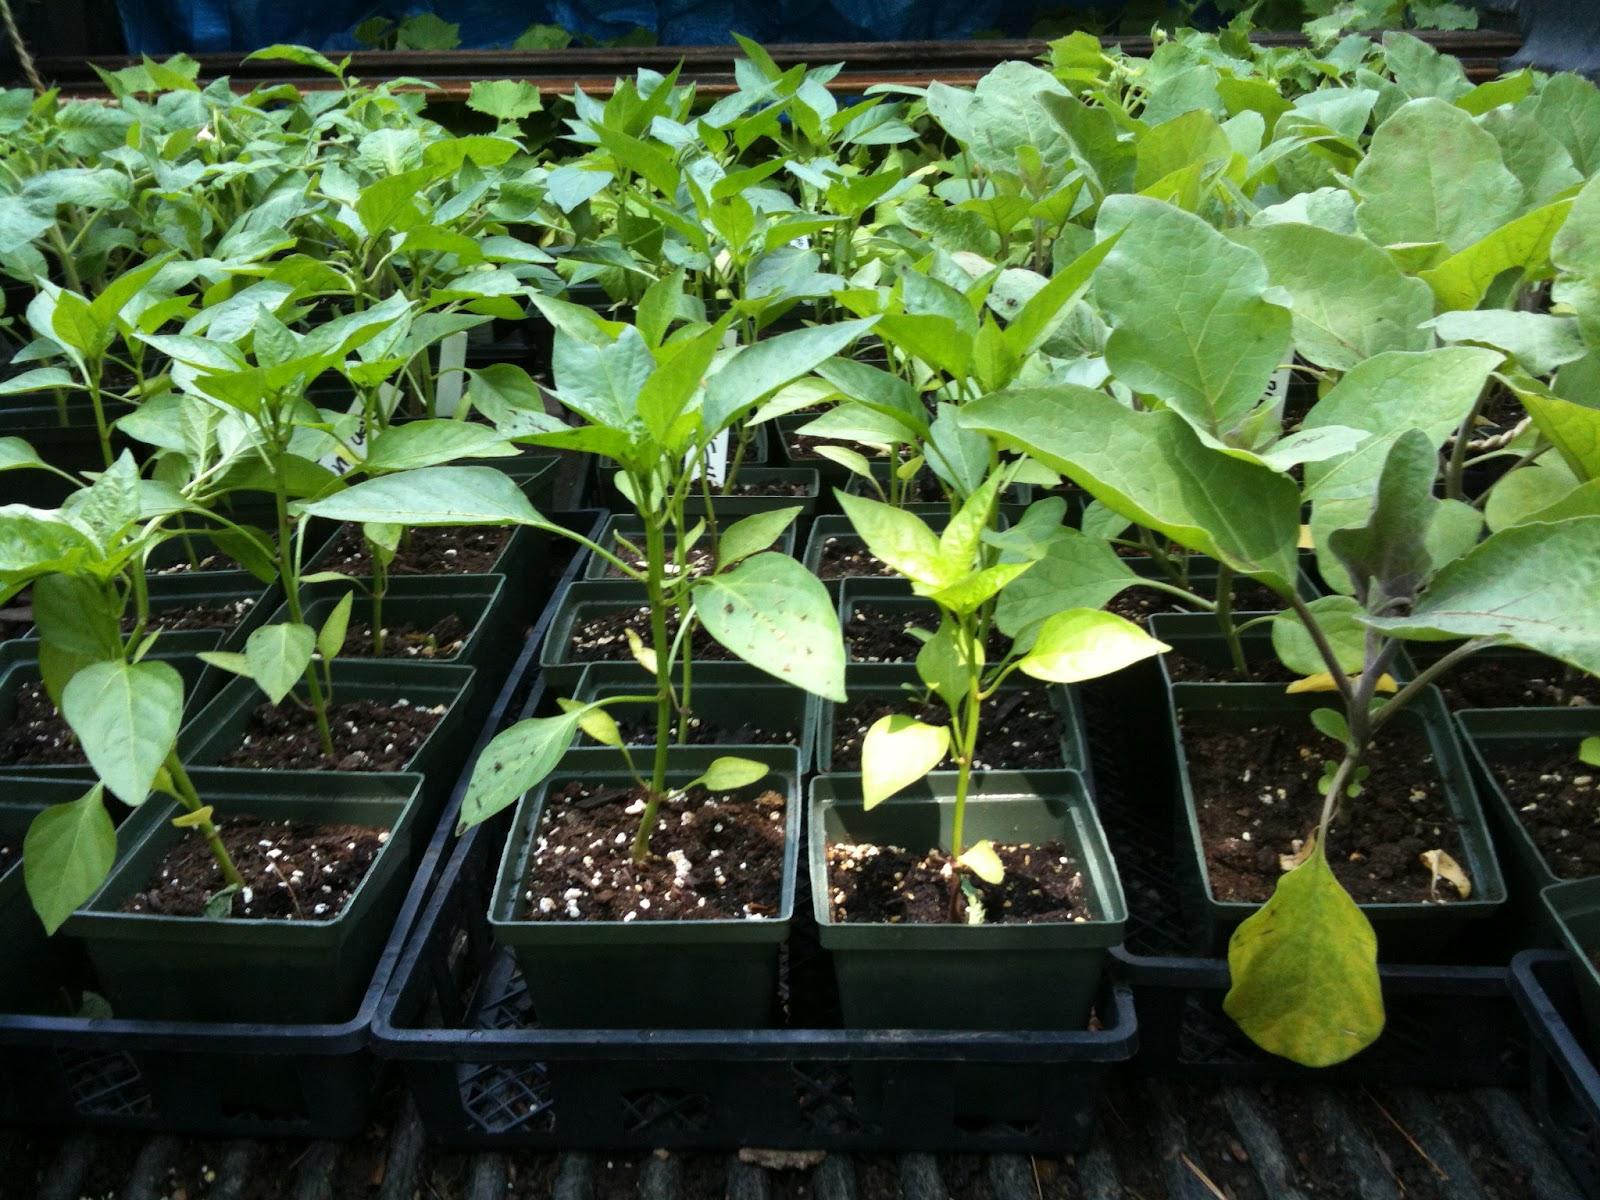 купить семена баклажанов в Украине